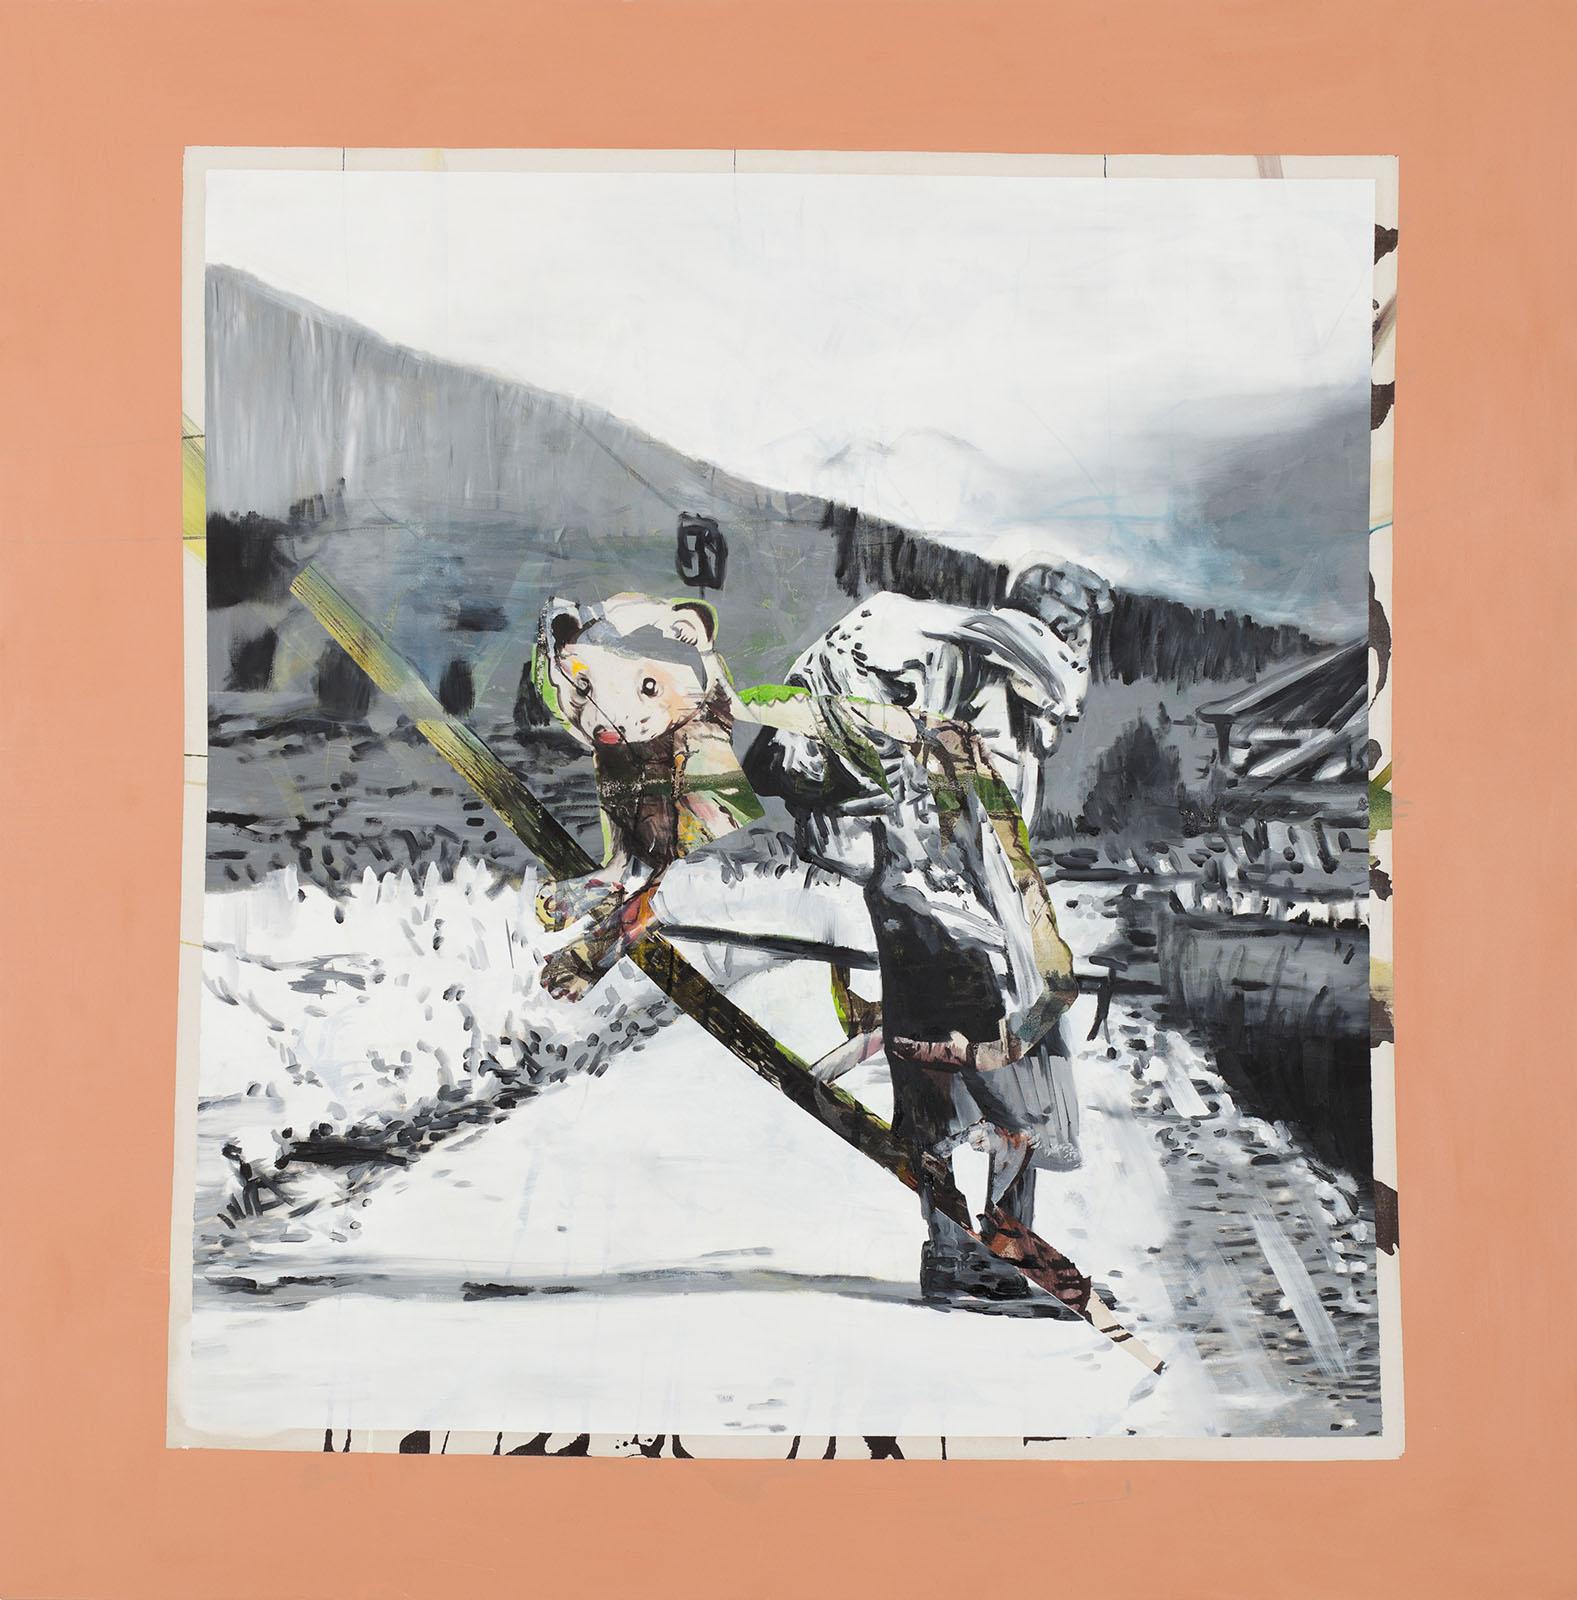 """o.T. aus """"Wenig Zeit zwischen zwei Fingern"""", 2013, 200 x 200 cm, Mischtechnik auf Leinwand"""